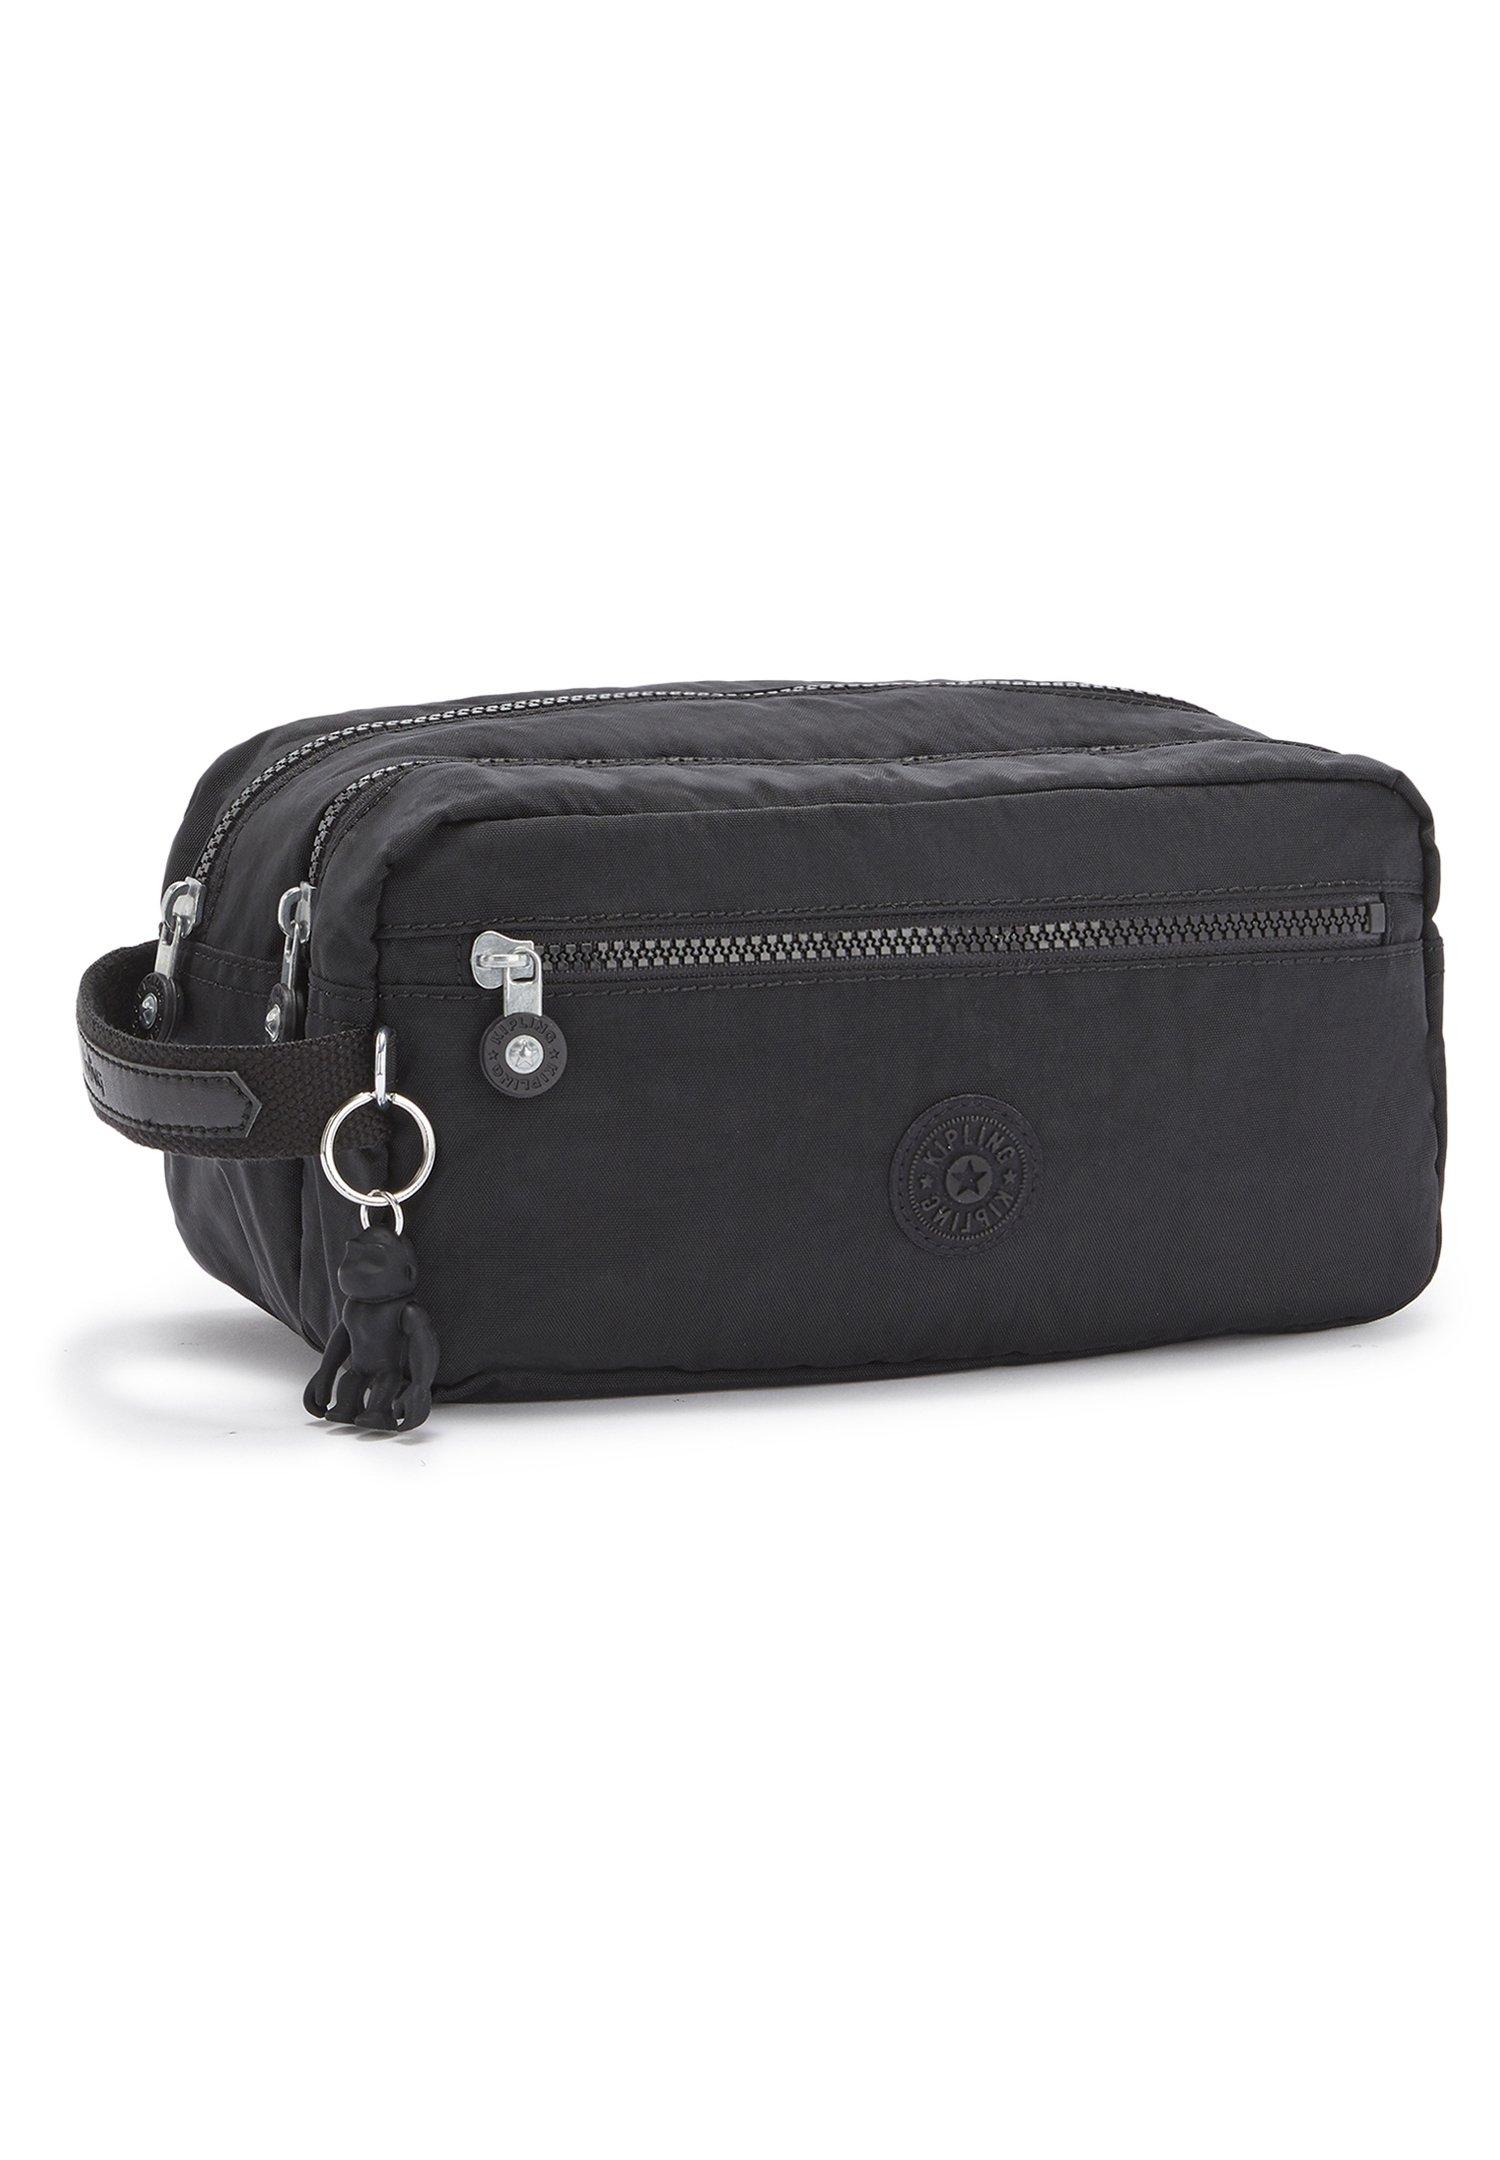 Kipling CLASSICS AGOT  - Kosmetiktasche - black noir/schwarz - Herrentaschen 3zQ3R